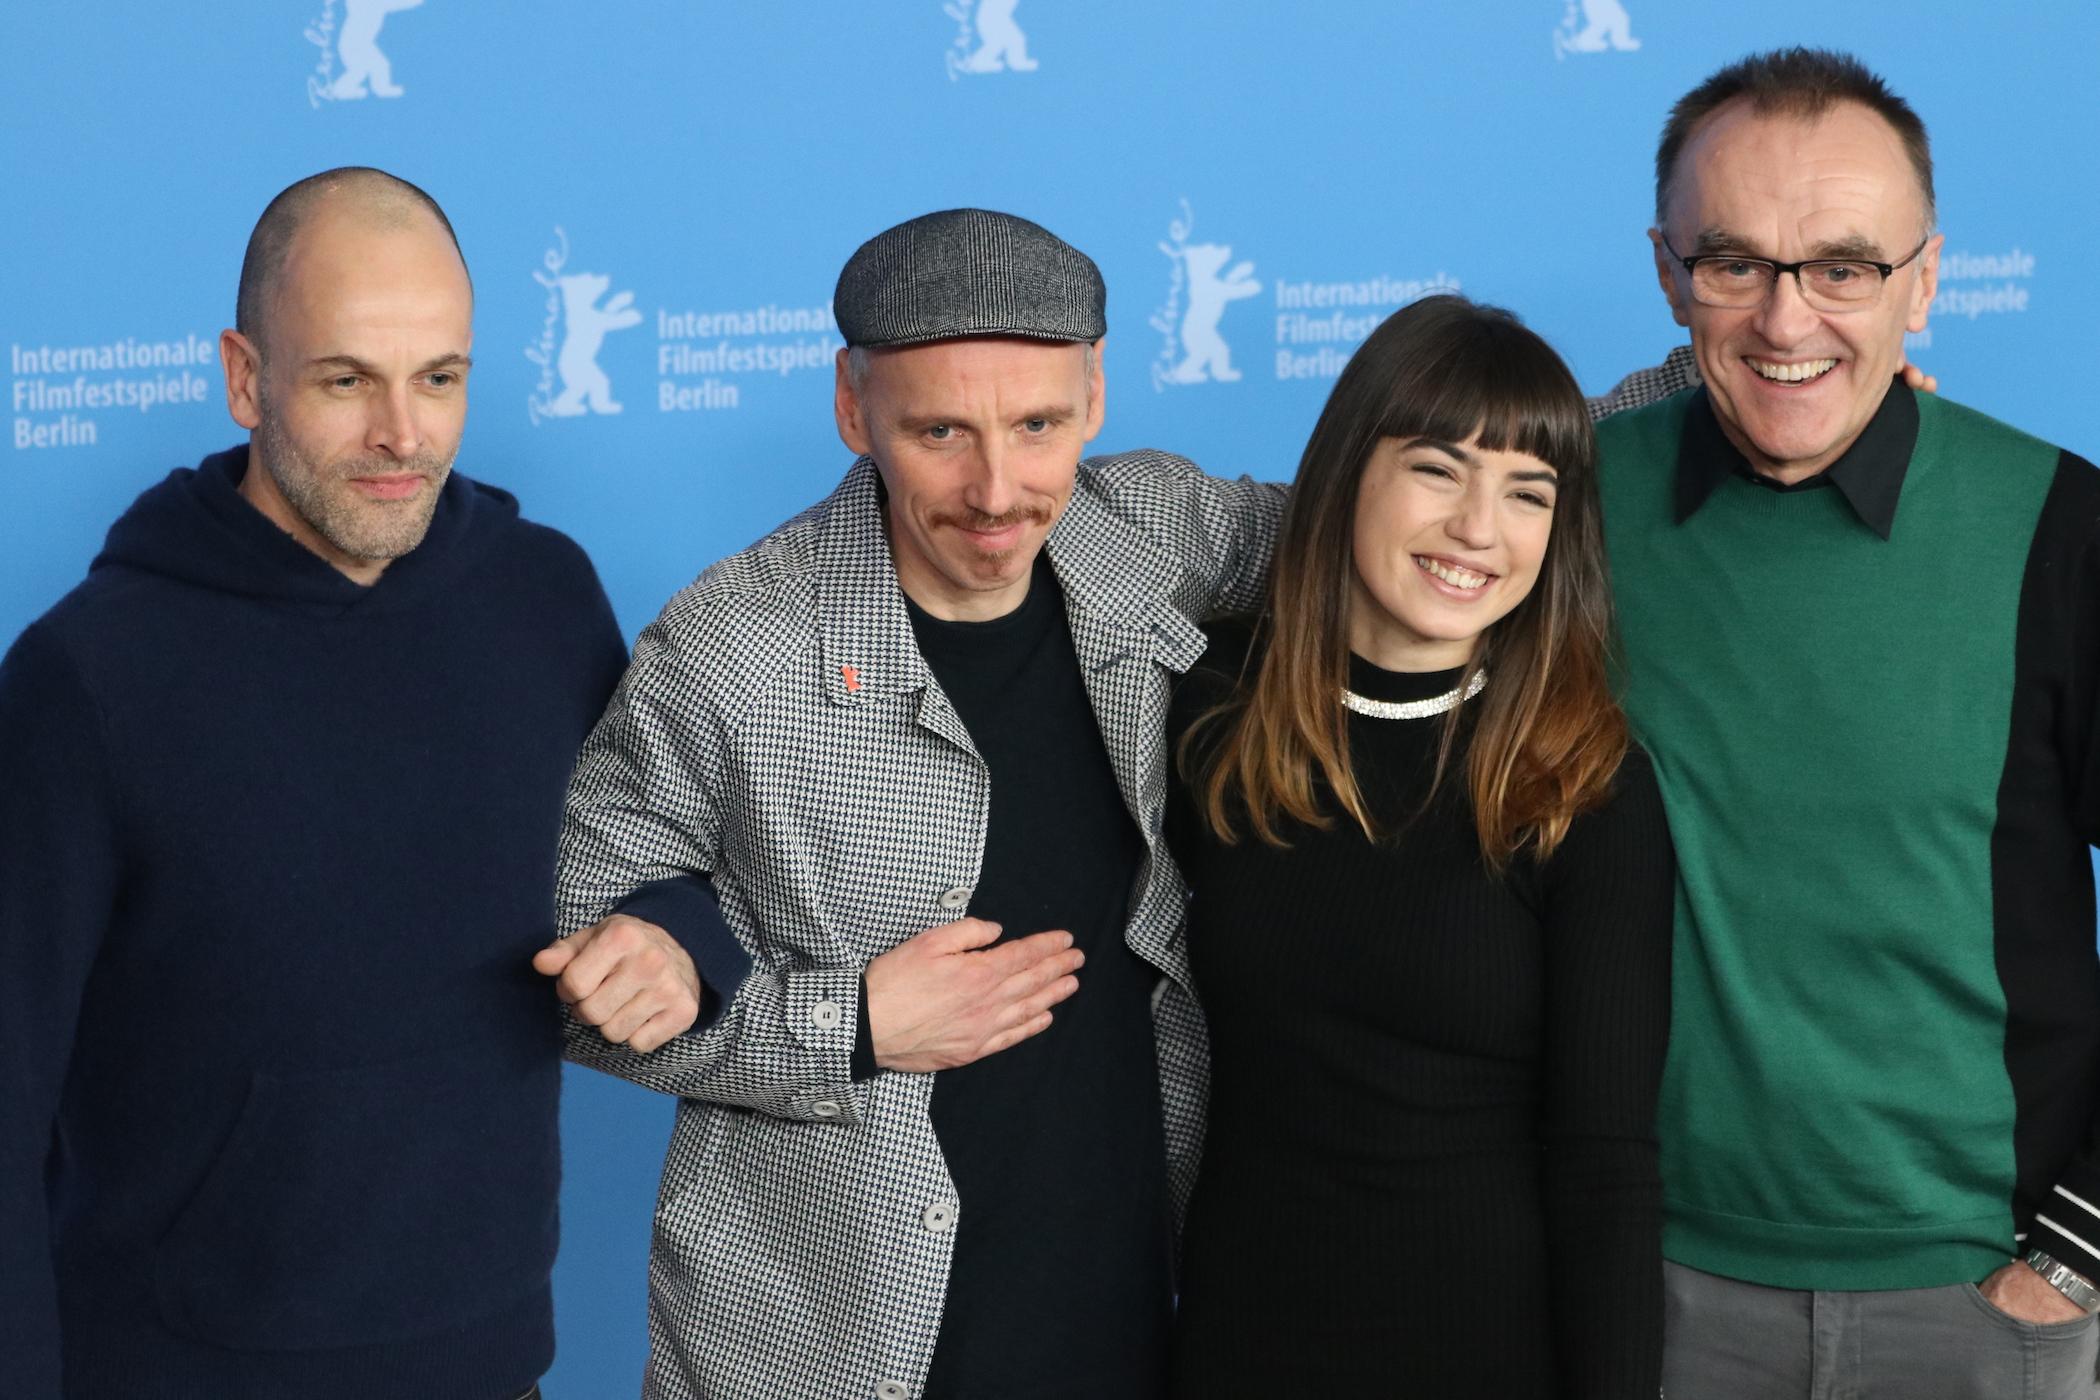 Berlino 2017: Ewen Bremner, Danny Boyle, Jonny Lee Miller e Anjela Nedyalkova al photocall di T2 Trainspotting